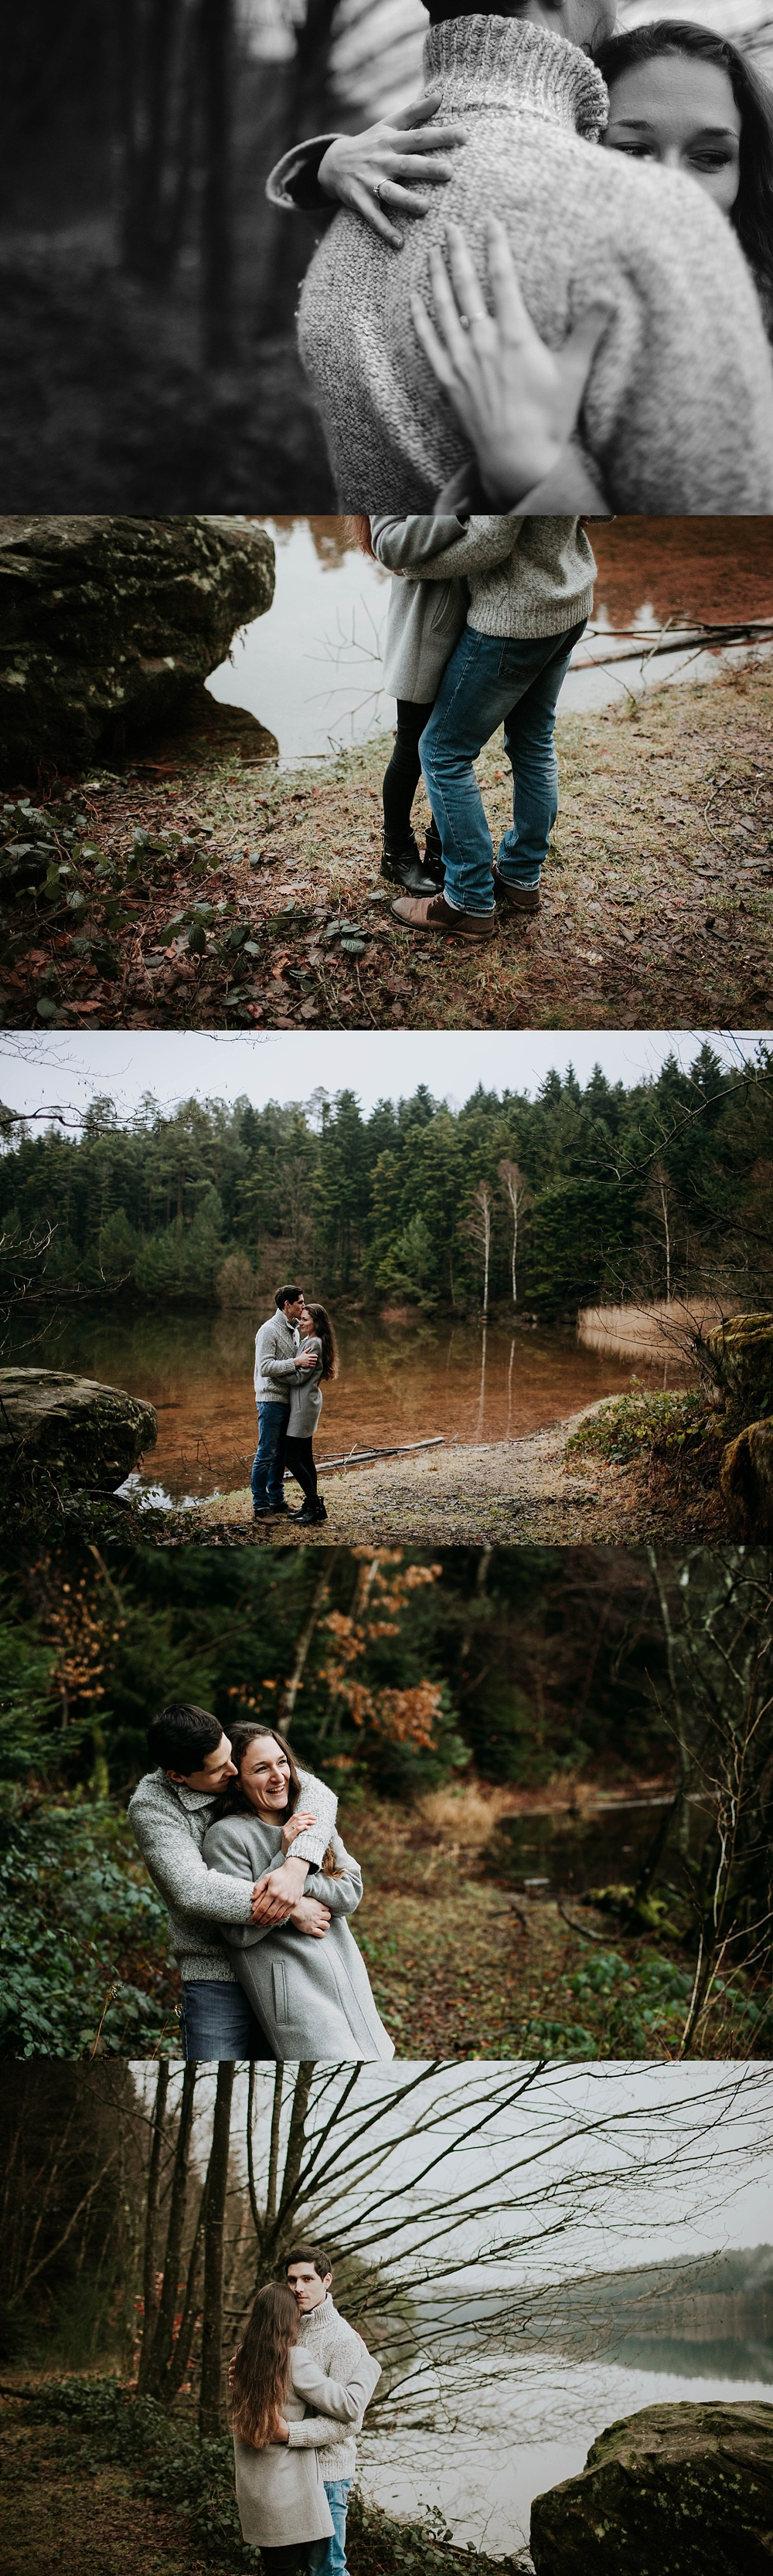 Séance engagement mariage Alsace Lorraine France